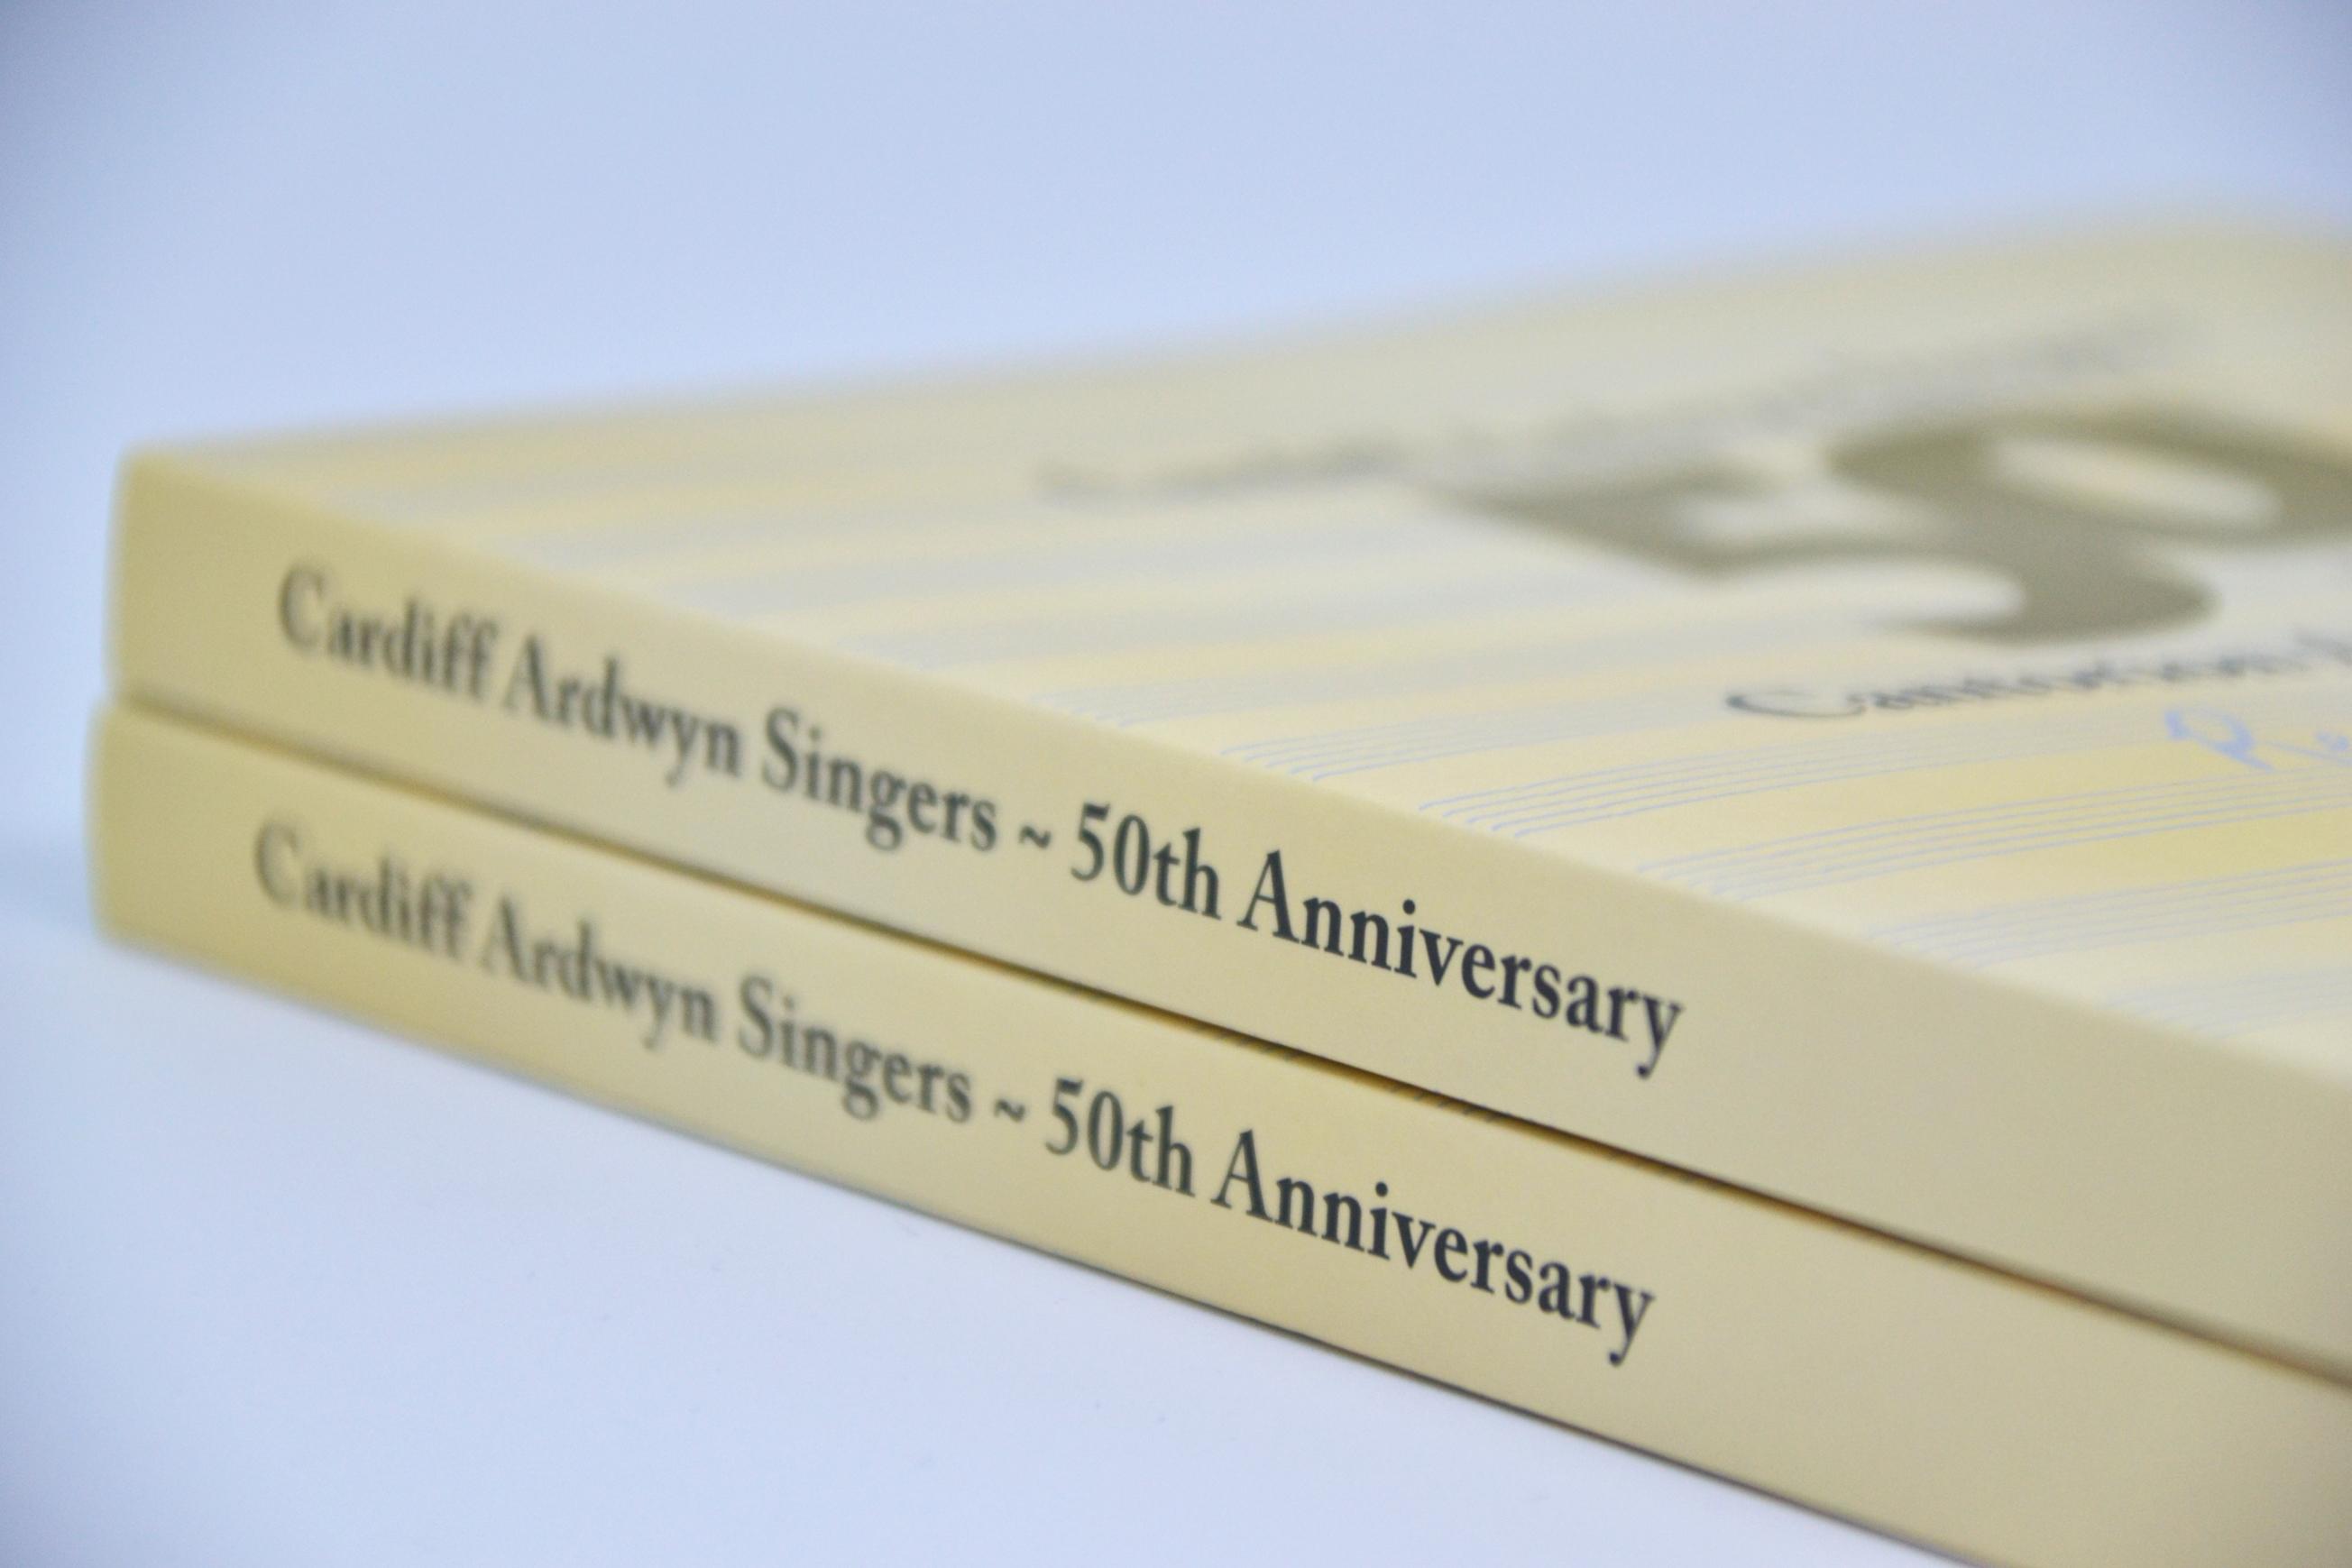 Cardiff Ardwyn Singers